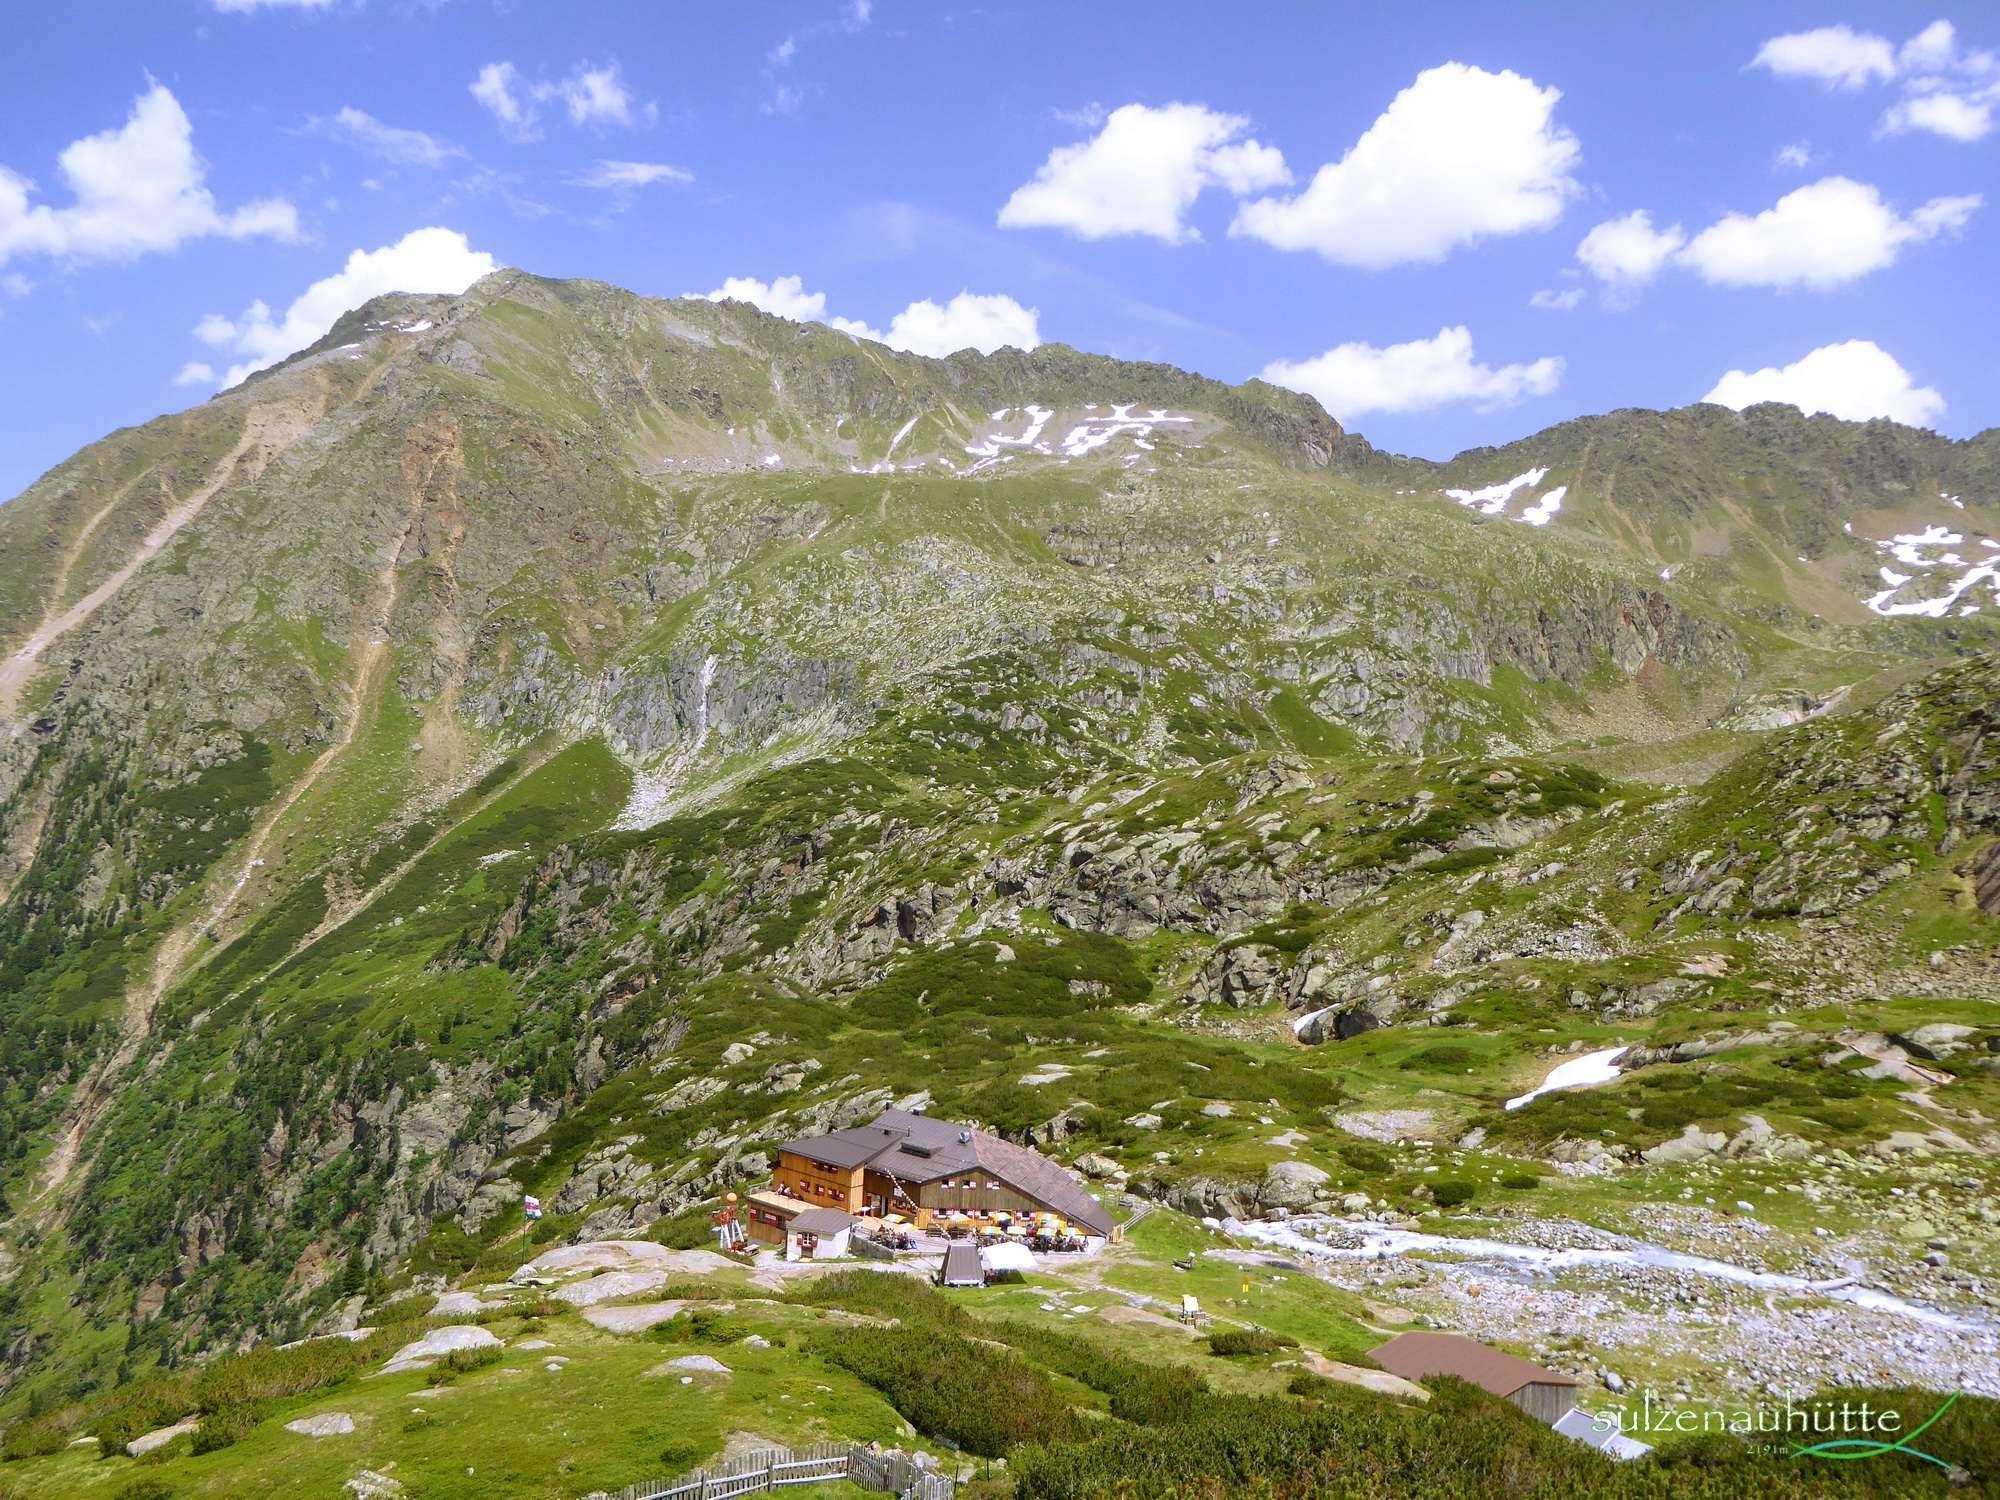 Sulzenauhütte am Stubaier Höhenweg